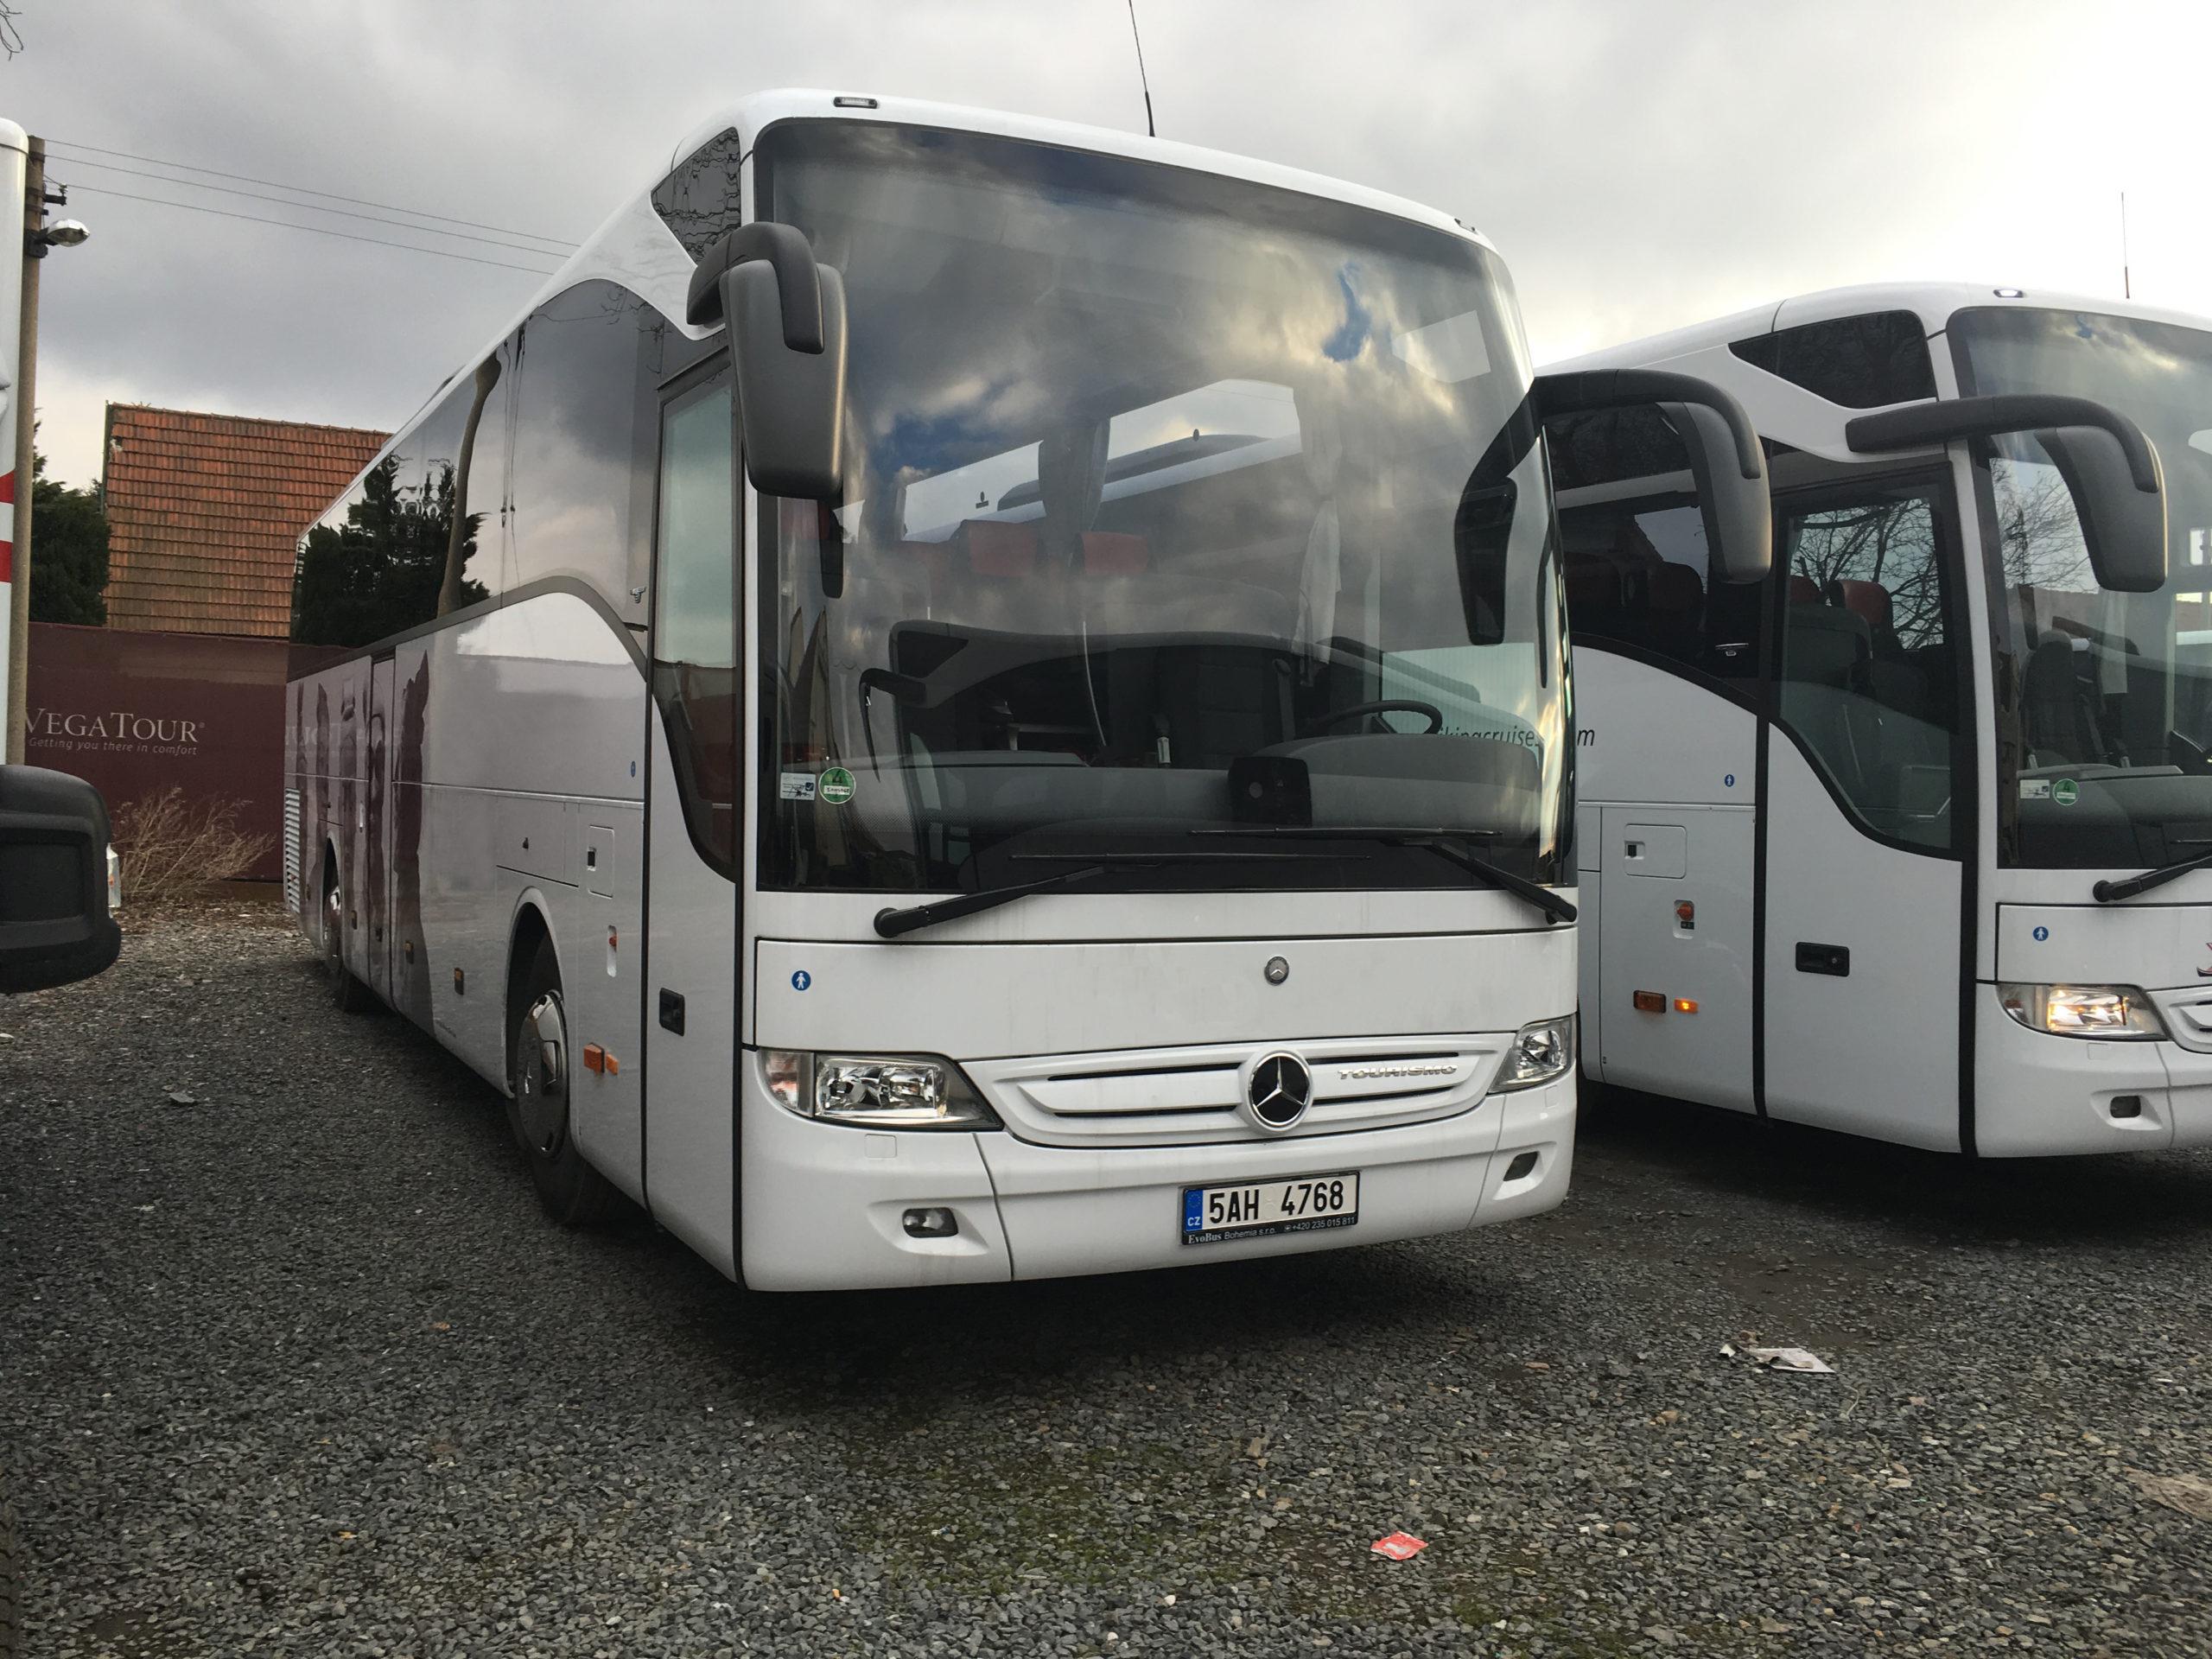 Obrázek: MB TOURISMO 15 RHD